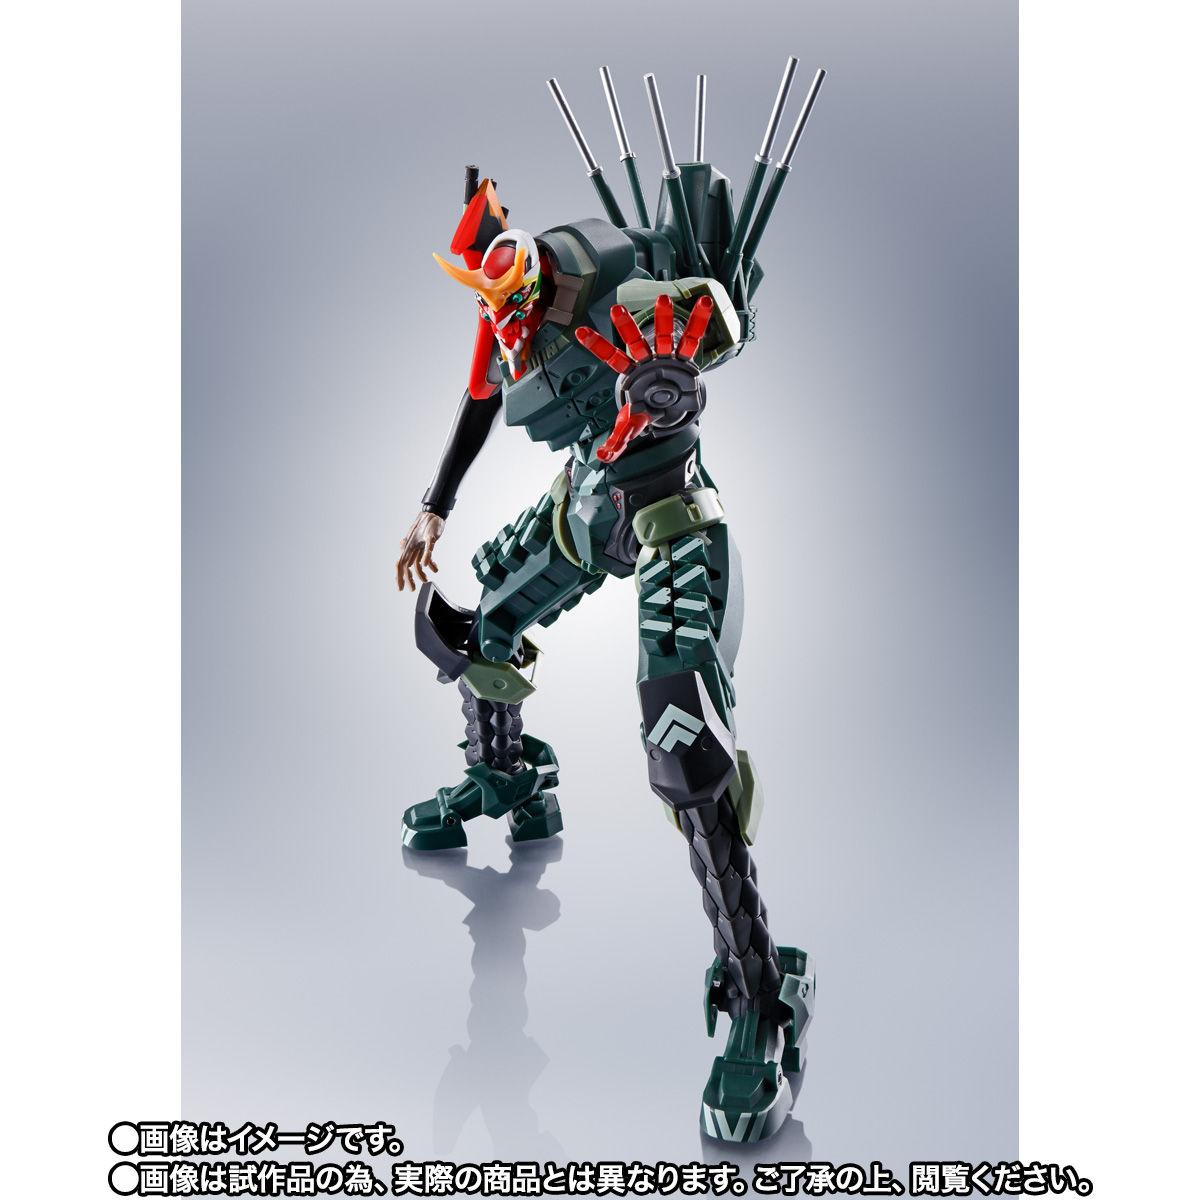 【限定販売】ROBOT魂〈SIDE EVA〉『エヴァンゲリオン新2号機α』シン・エヴァンゲリオン劇場版 可動フィギュア-008